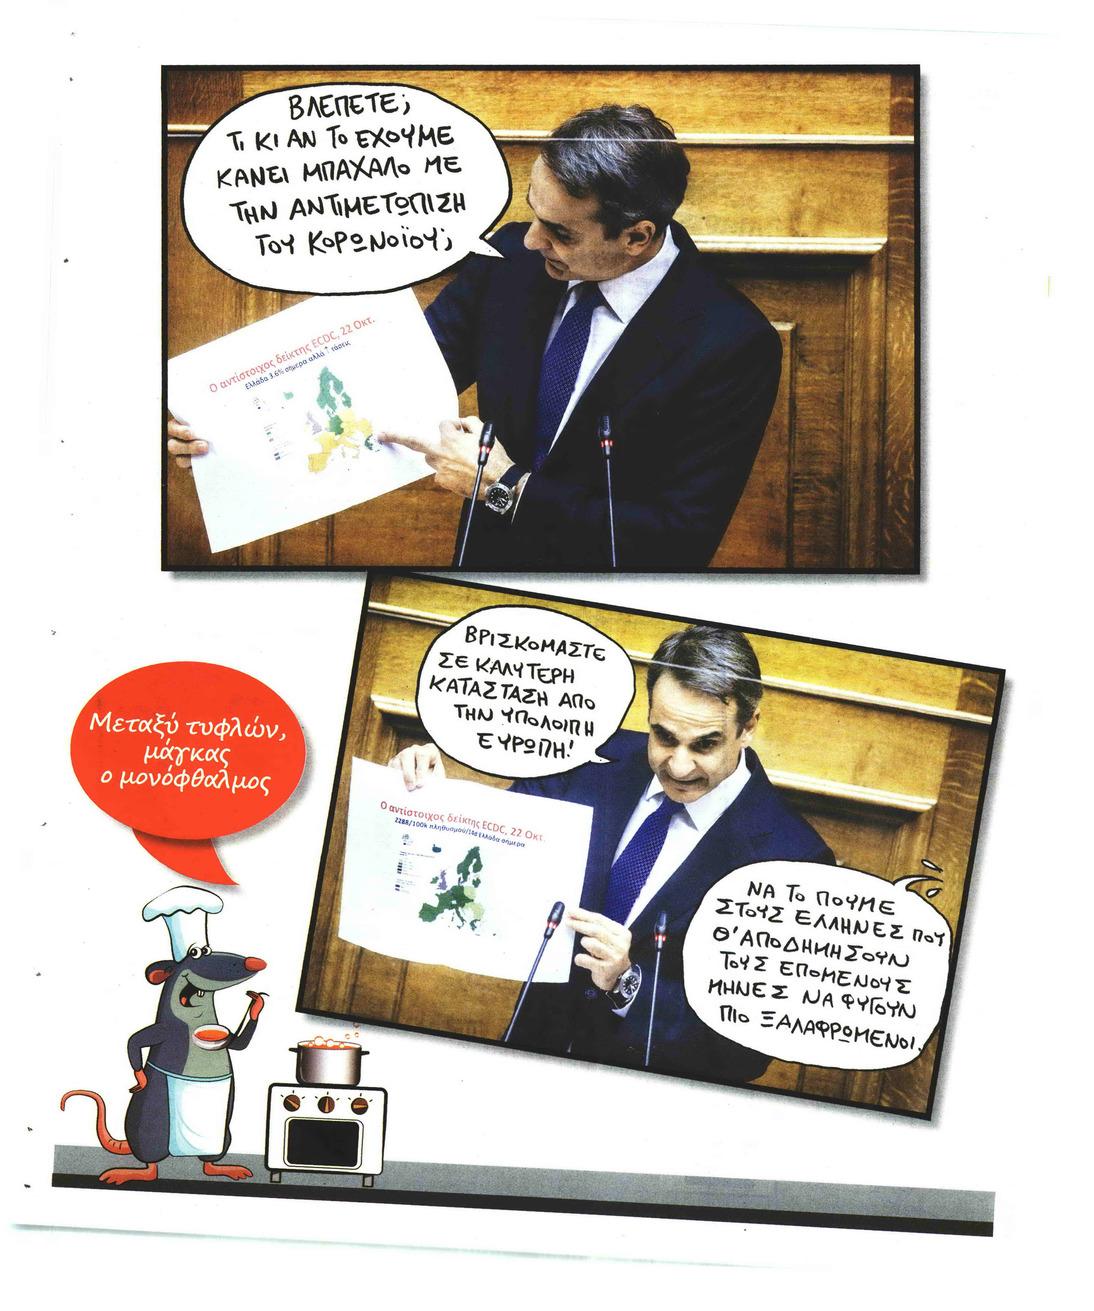 Οπισθόφυλλο εφημερίδας Το ποντίκι